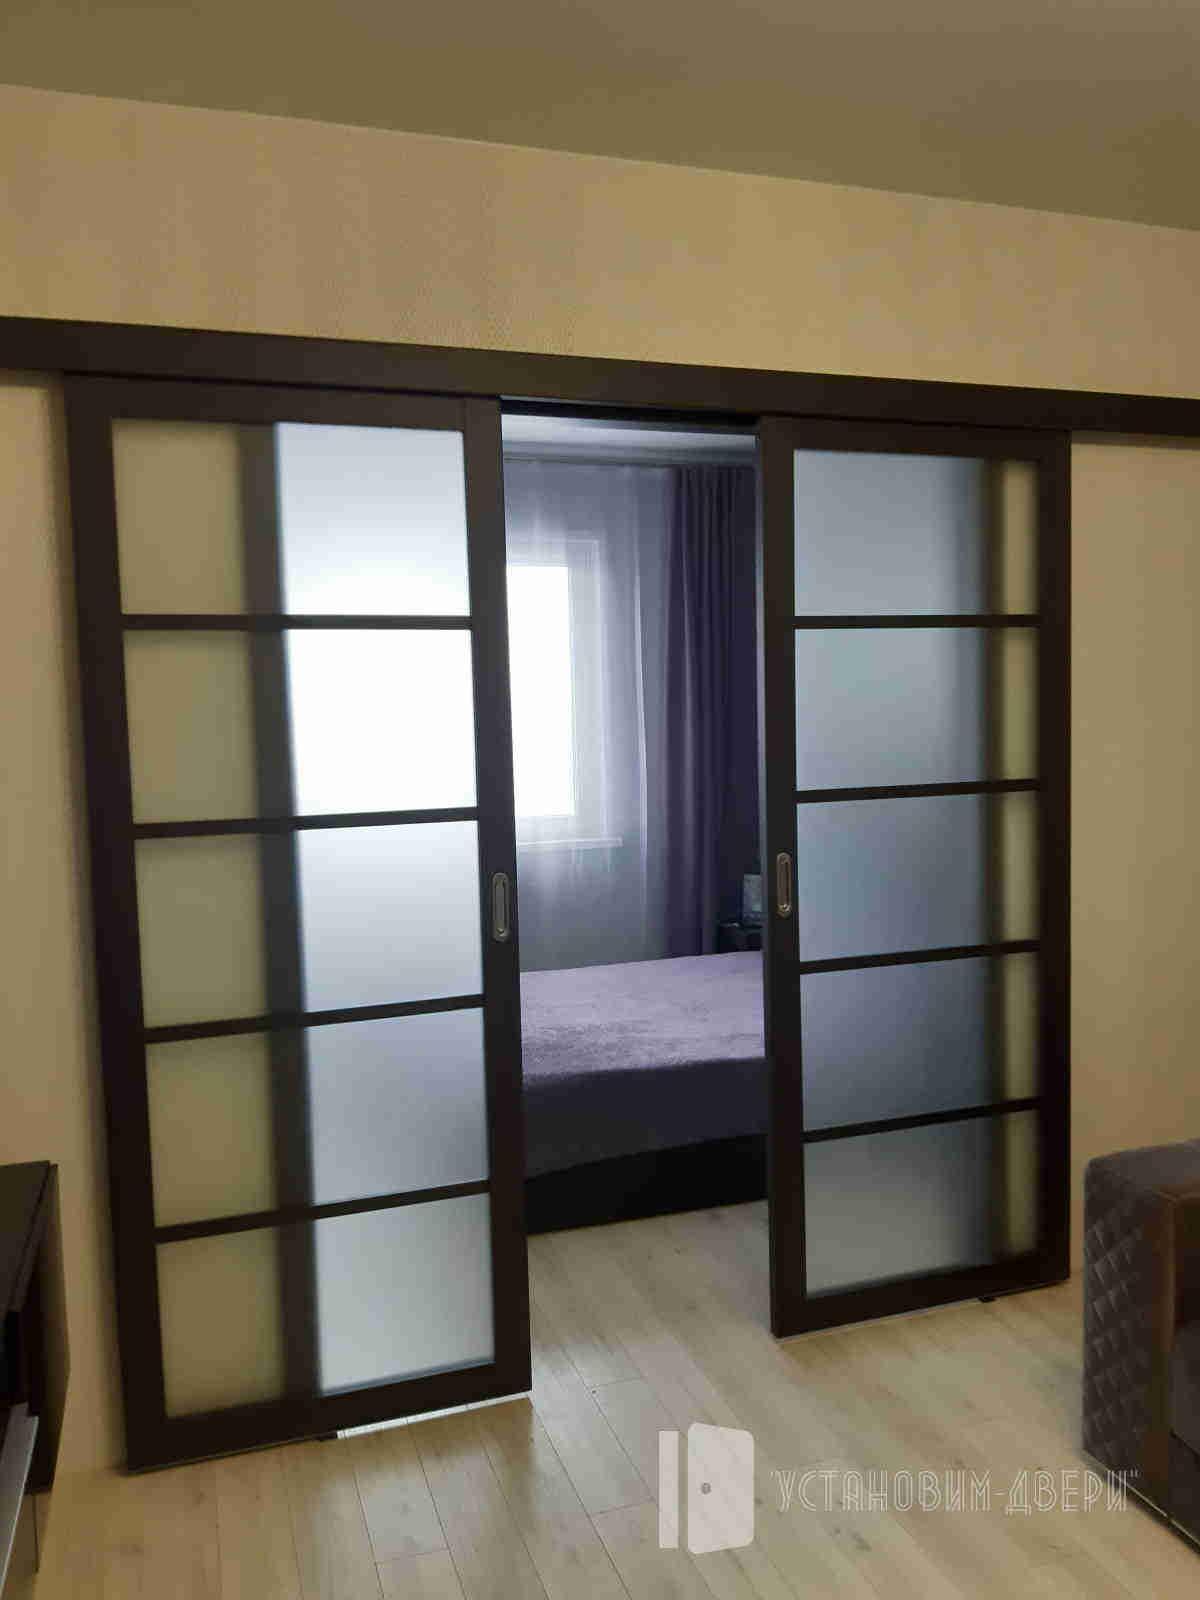 раздвижная дверь в комнате